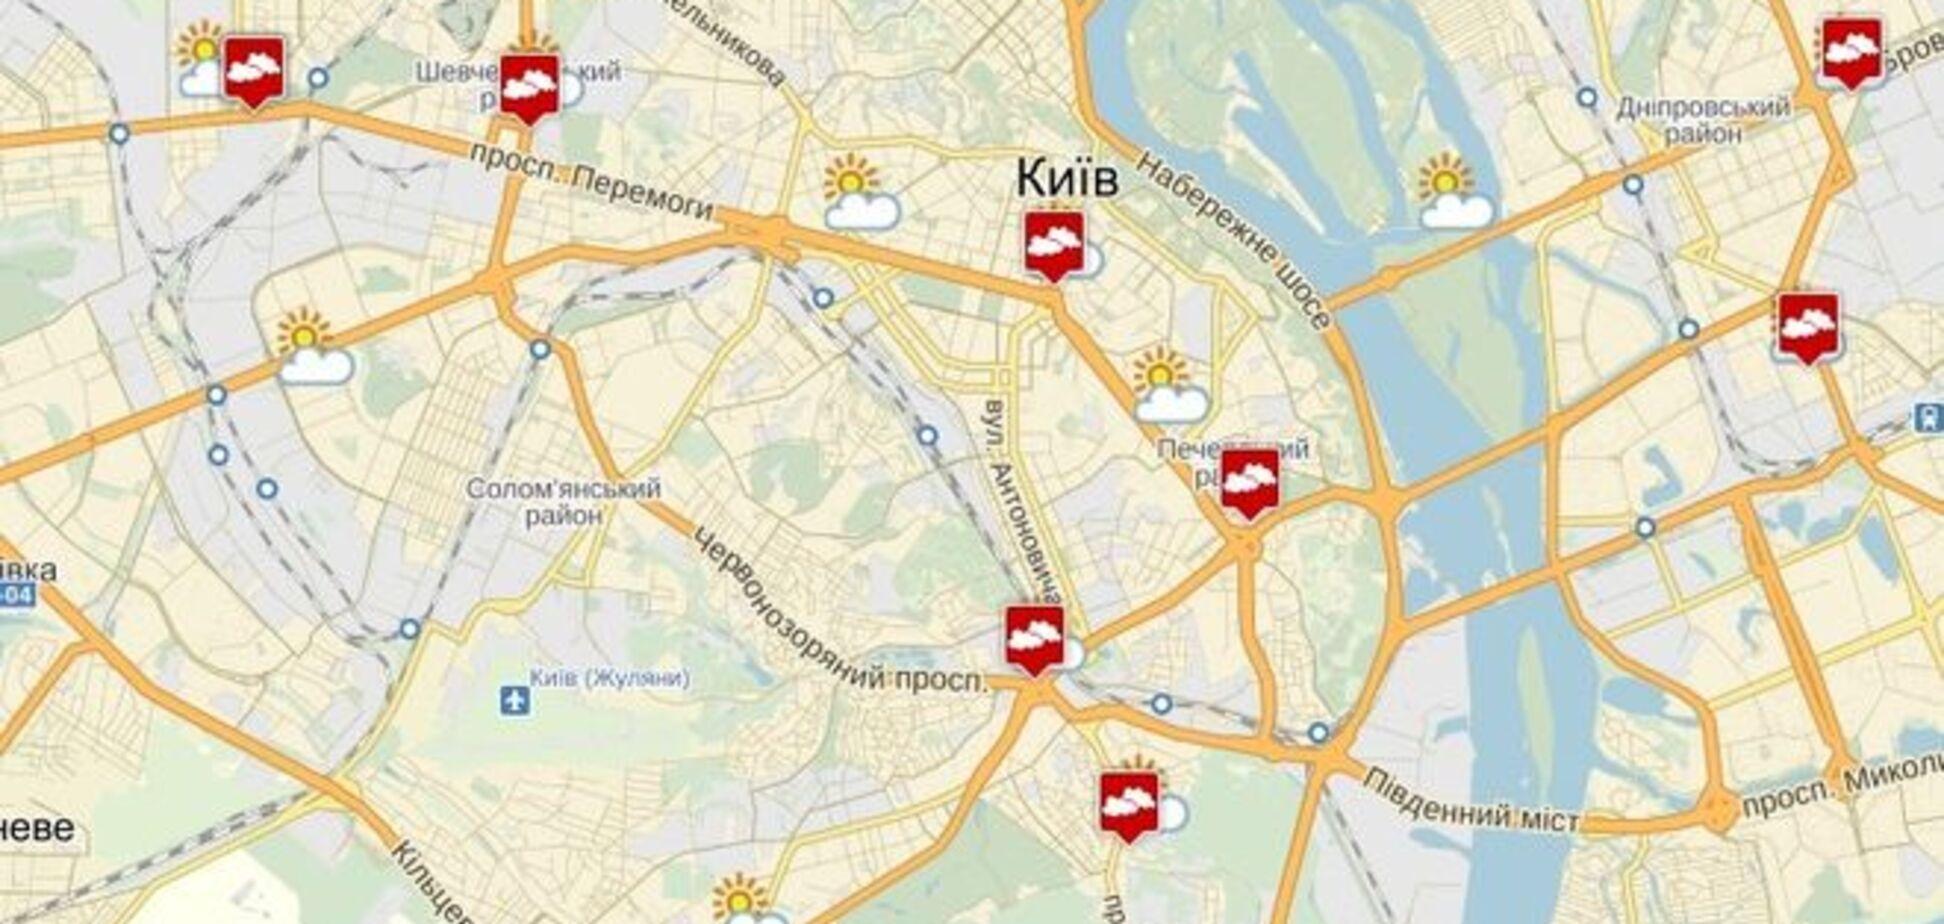 У Києві повітря стало дуже забрудненим: список небезпечних районів